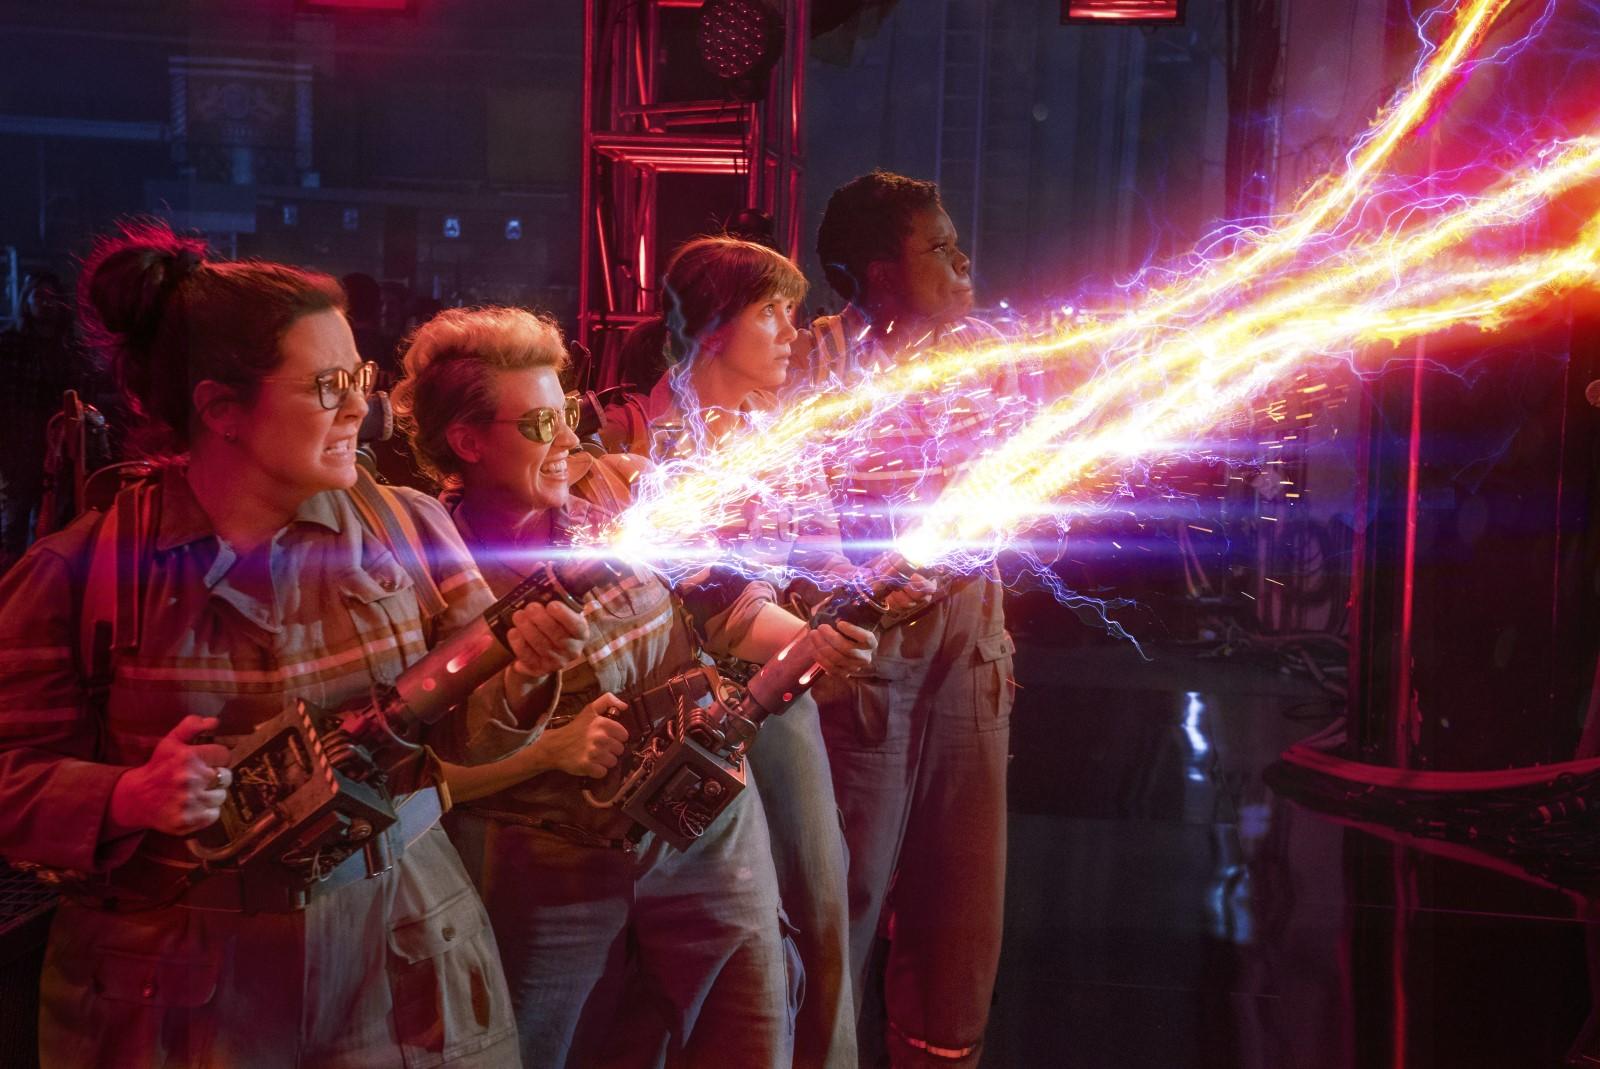 Photo tirée du film S.O.S Fantômes réalisé par Paul Feig. Les quatre actrices sont alignées et lancent des jets face à un fantôme qui semble gigantesque.